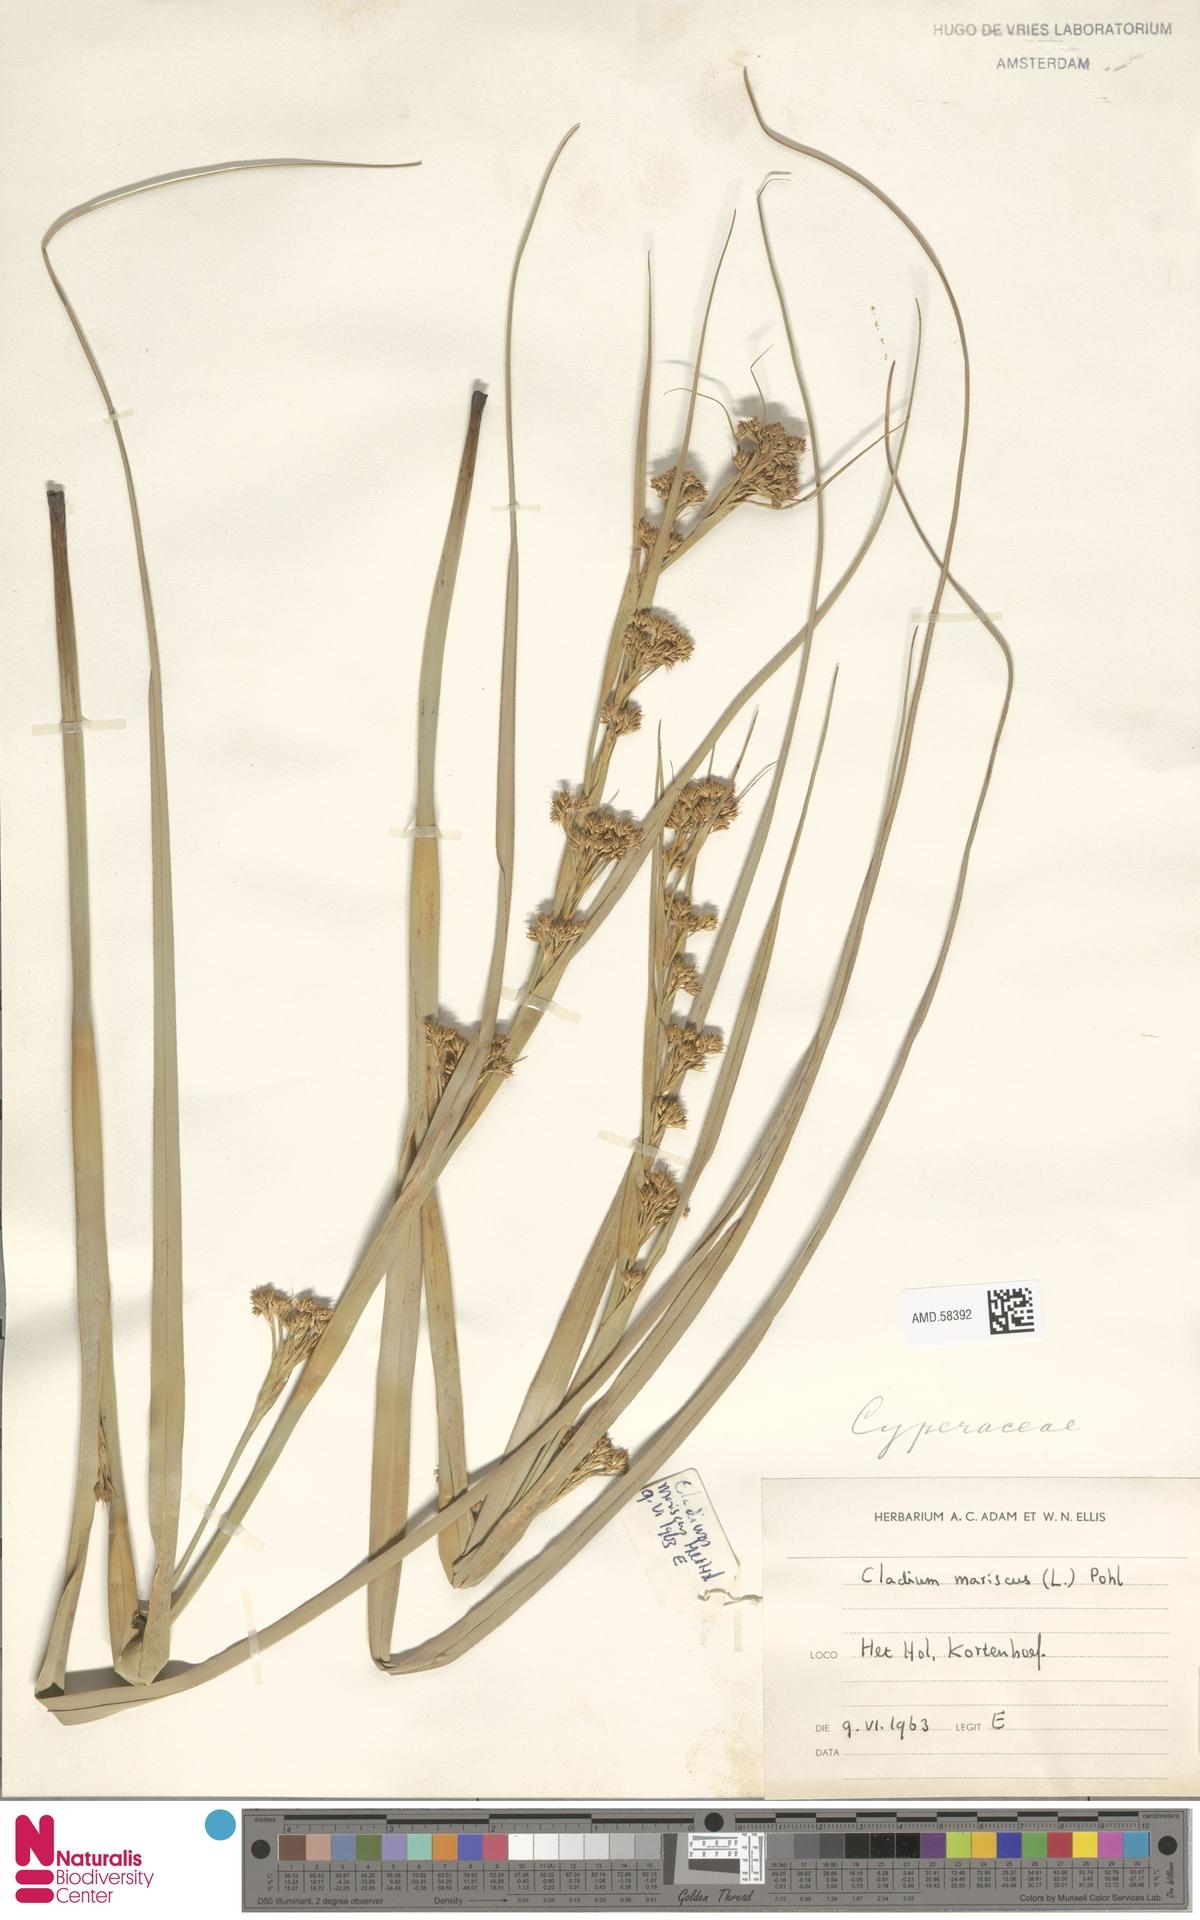 AMD.58392 | Cladium mariscus (L.) Pohl